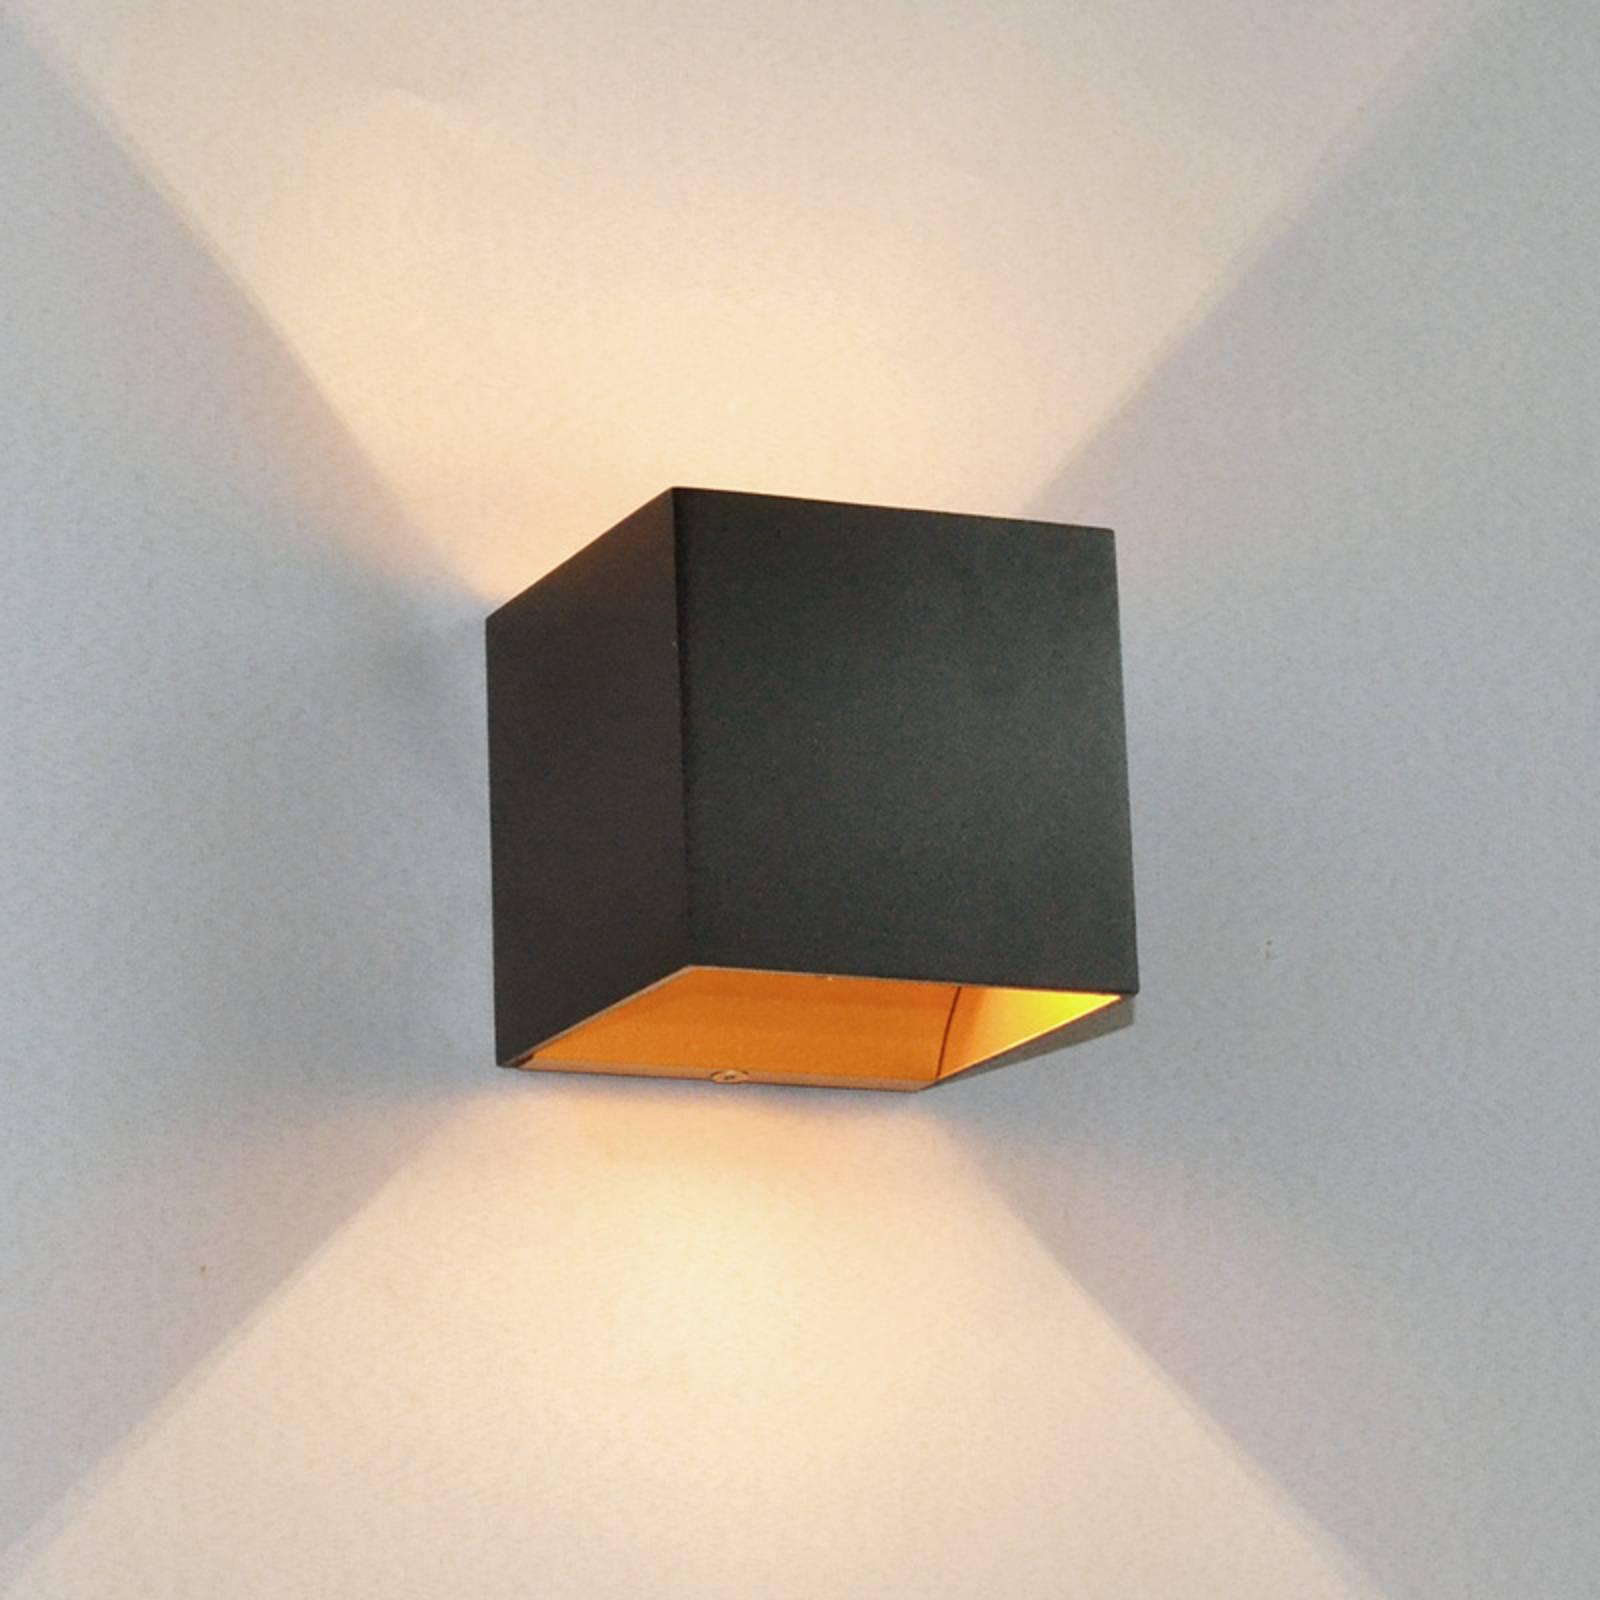 Musta LED-seinävalaisin Aldrina, sisäosa kullanv.